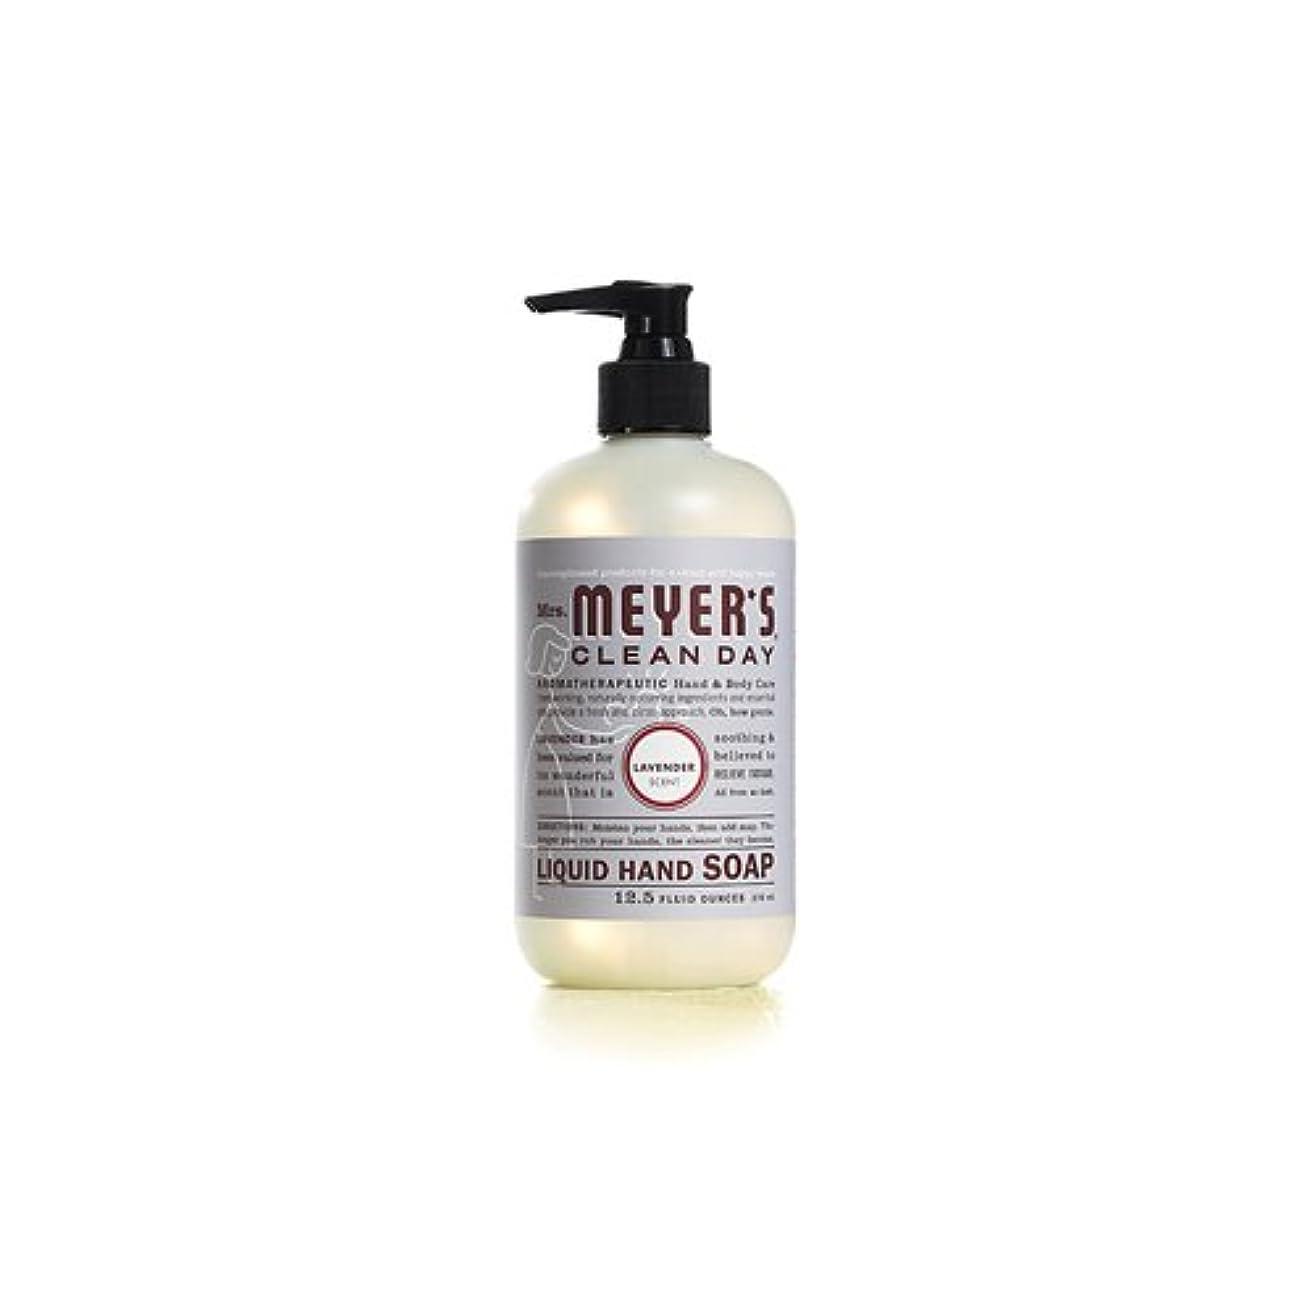 課税付き添い人降伏Lavender Liquid Hand Soap, 12.5 Ounce [Set of 2] by Mrs. Meyers